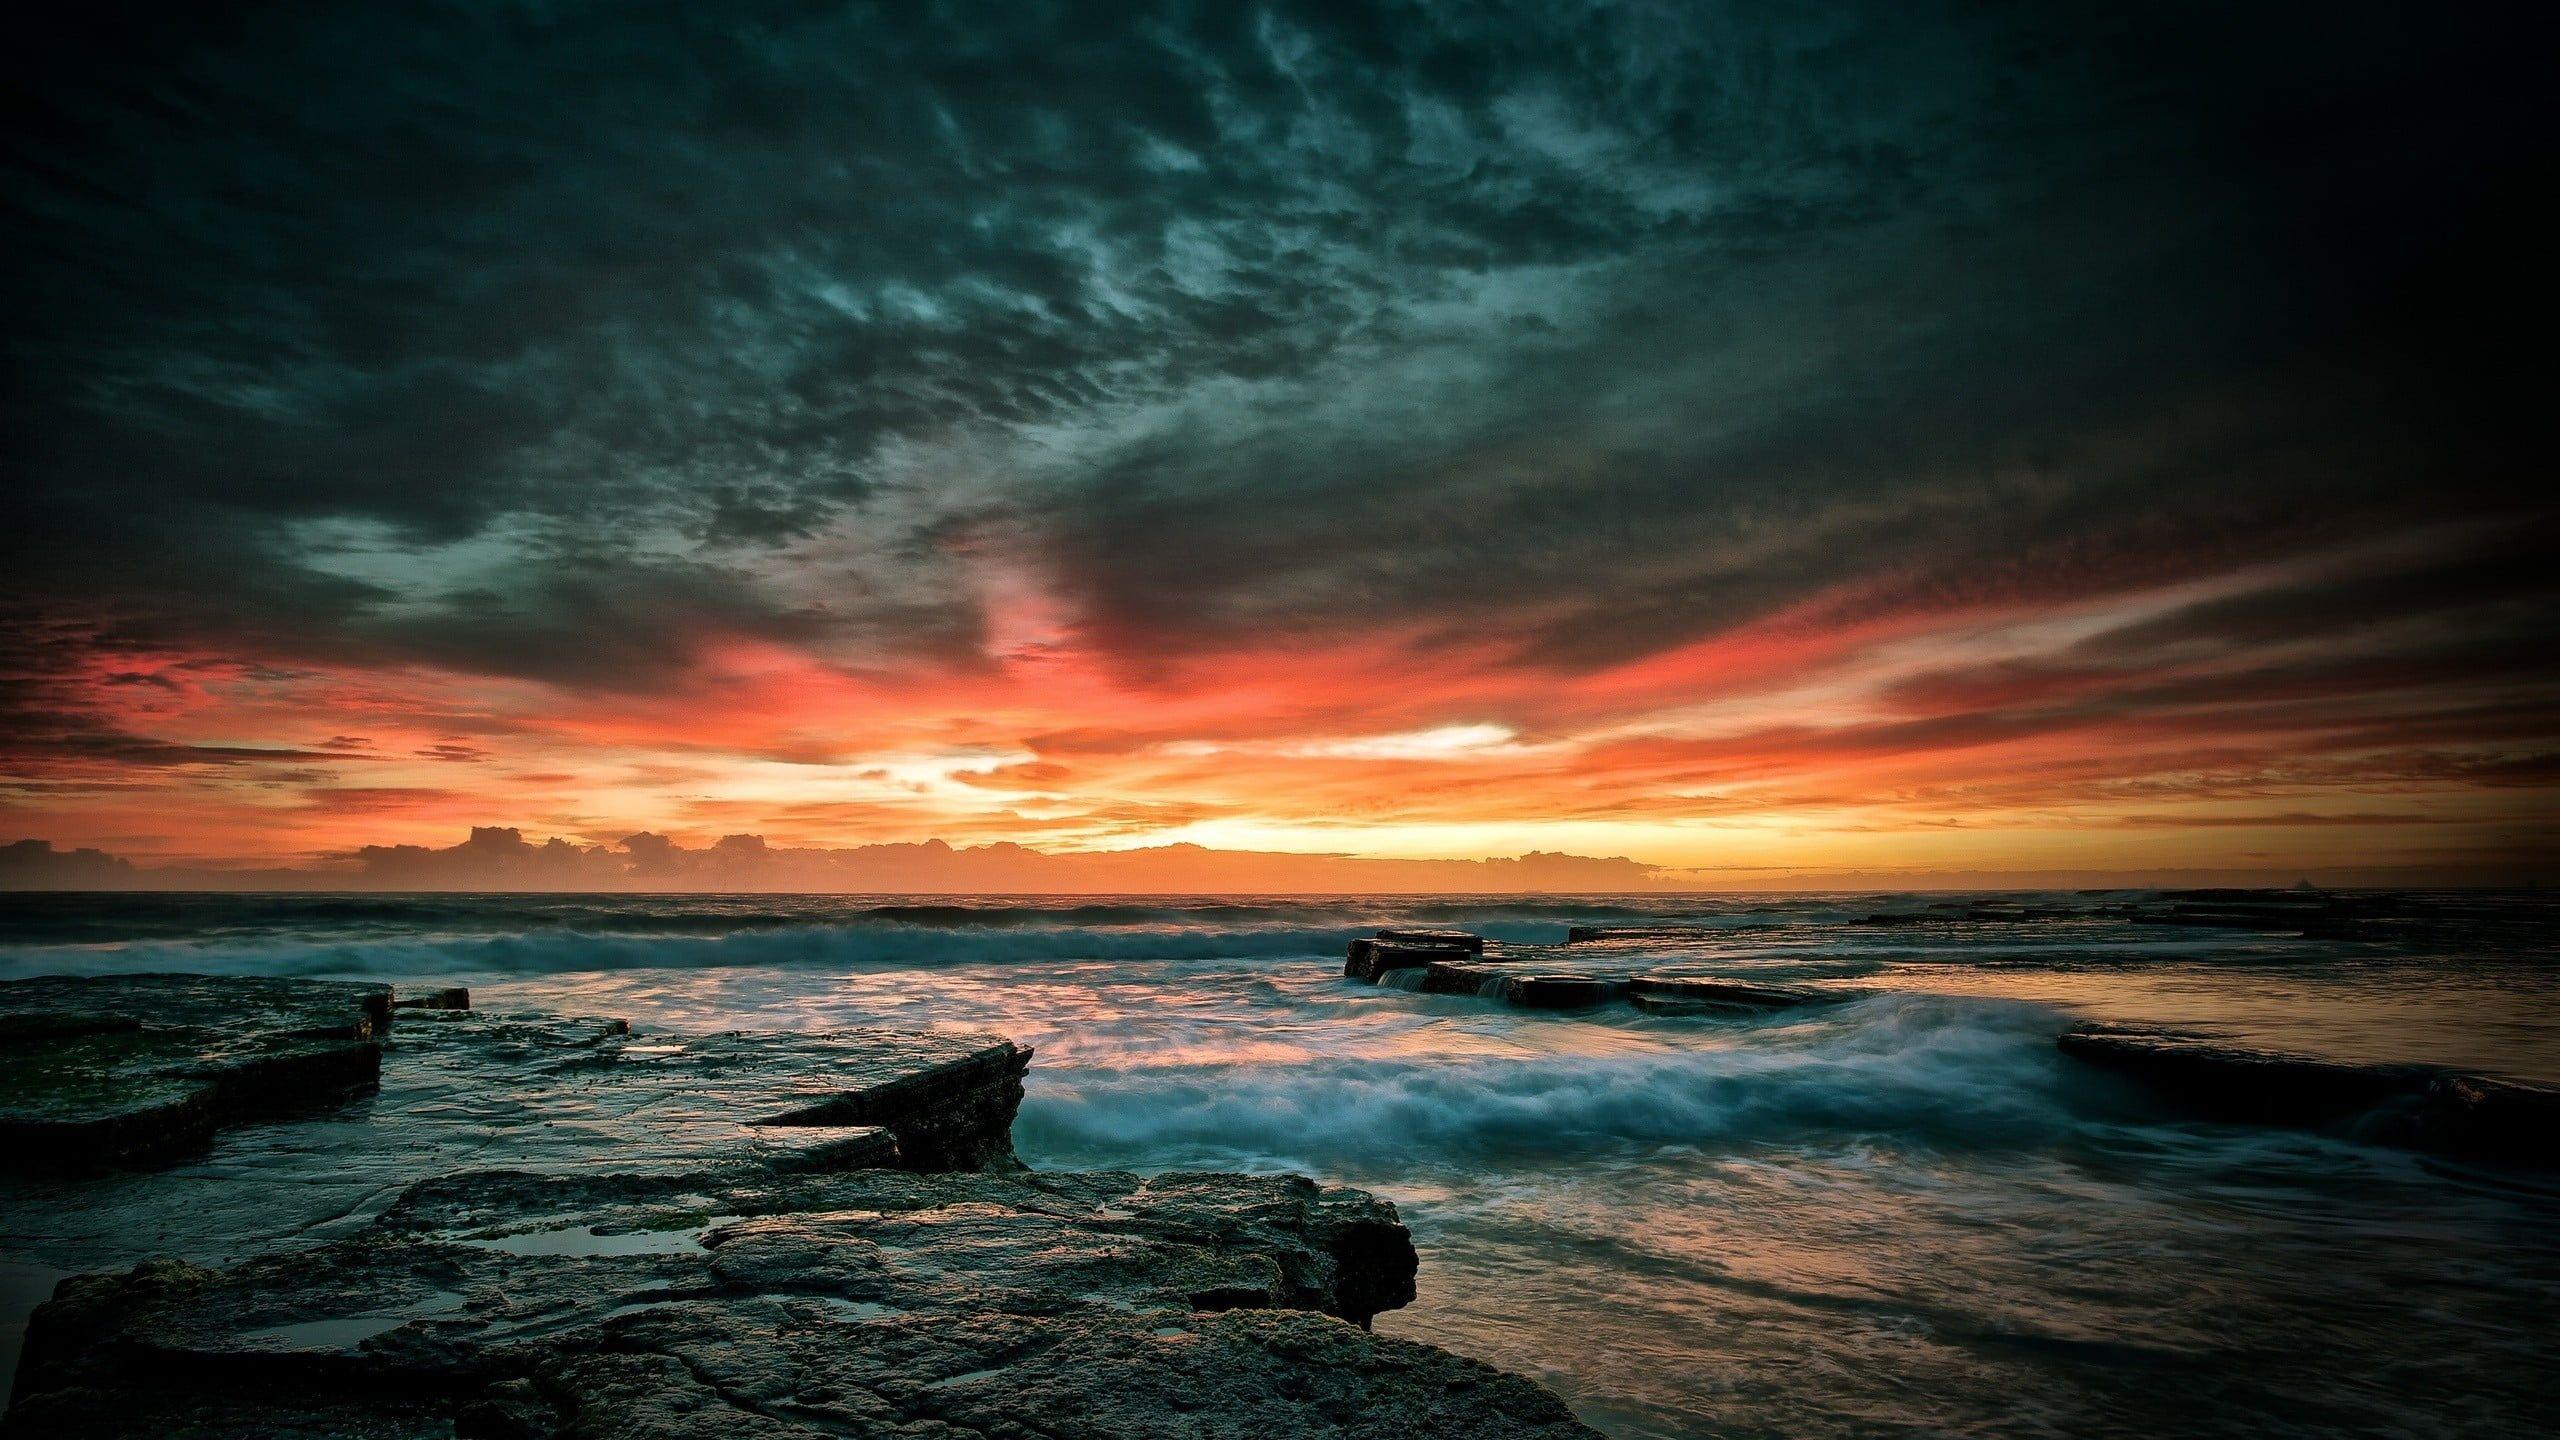 Sunset Over The Horizon Nature Beach Water Sea Sunset Waves 2k Wallpaper Hdwallpaper Desktop Dark Wallpaper Sunset Wallpaper Sunset